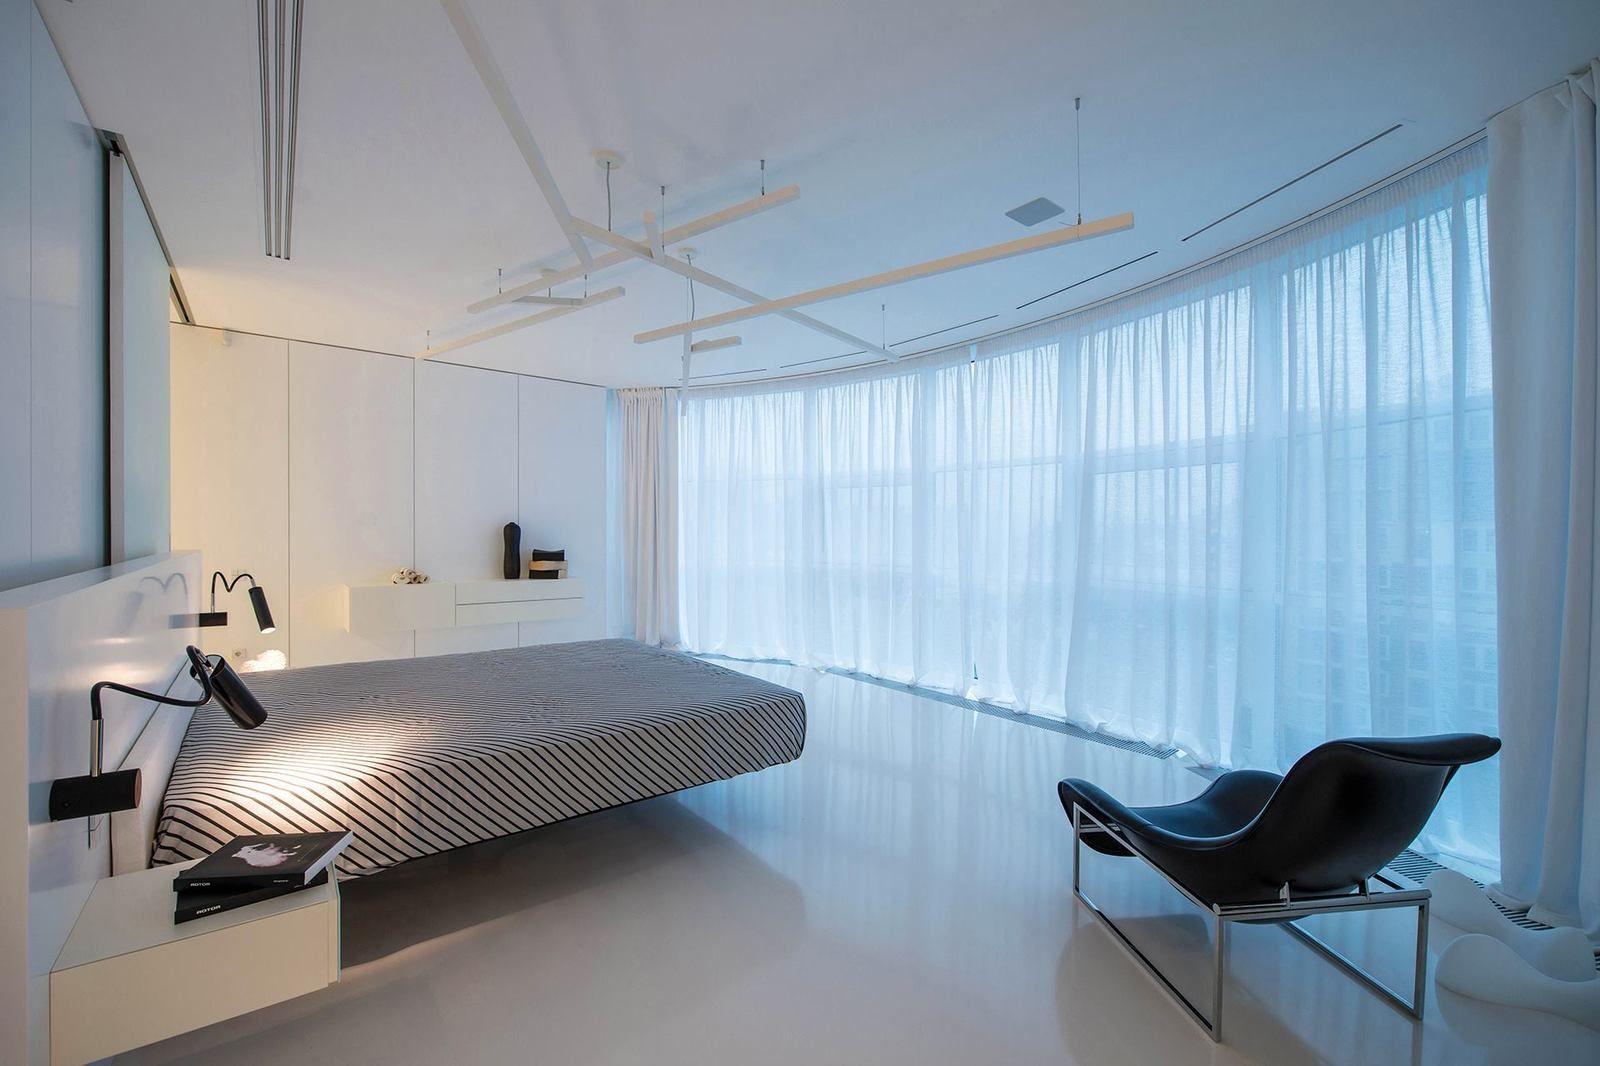 Gietvloer in de slaapkamer particuliere gietvloer projecten